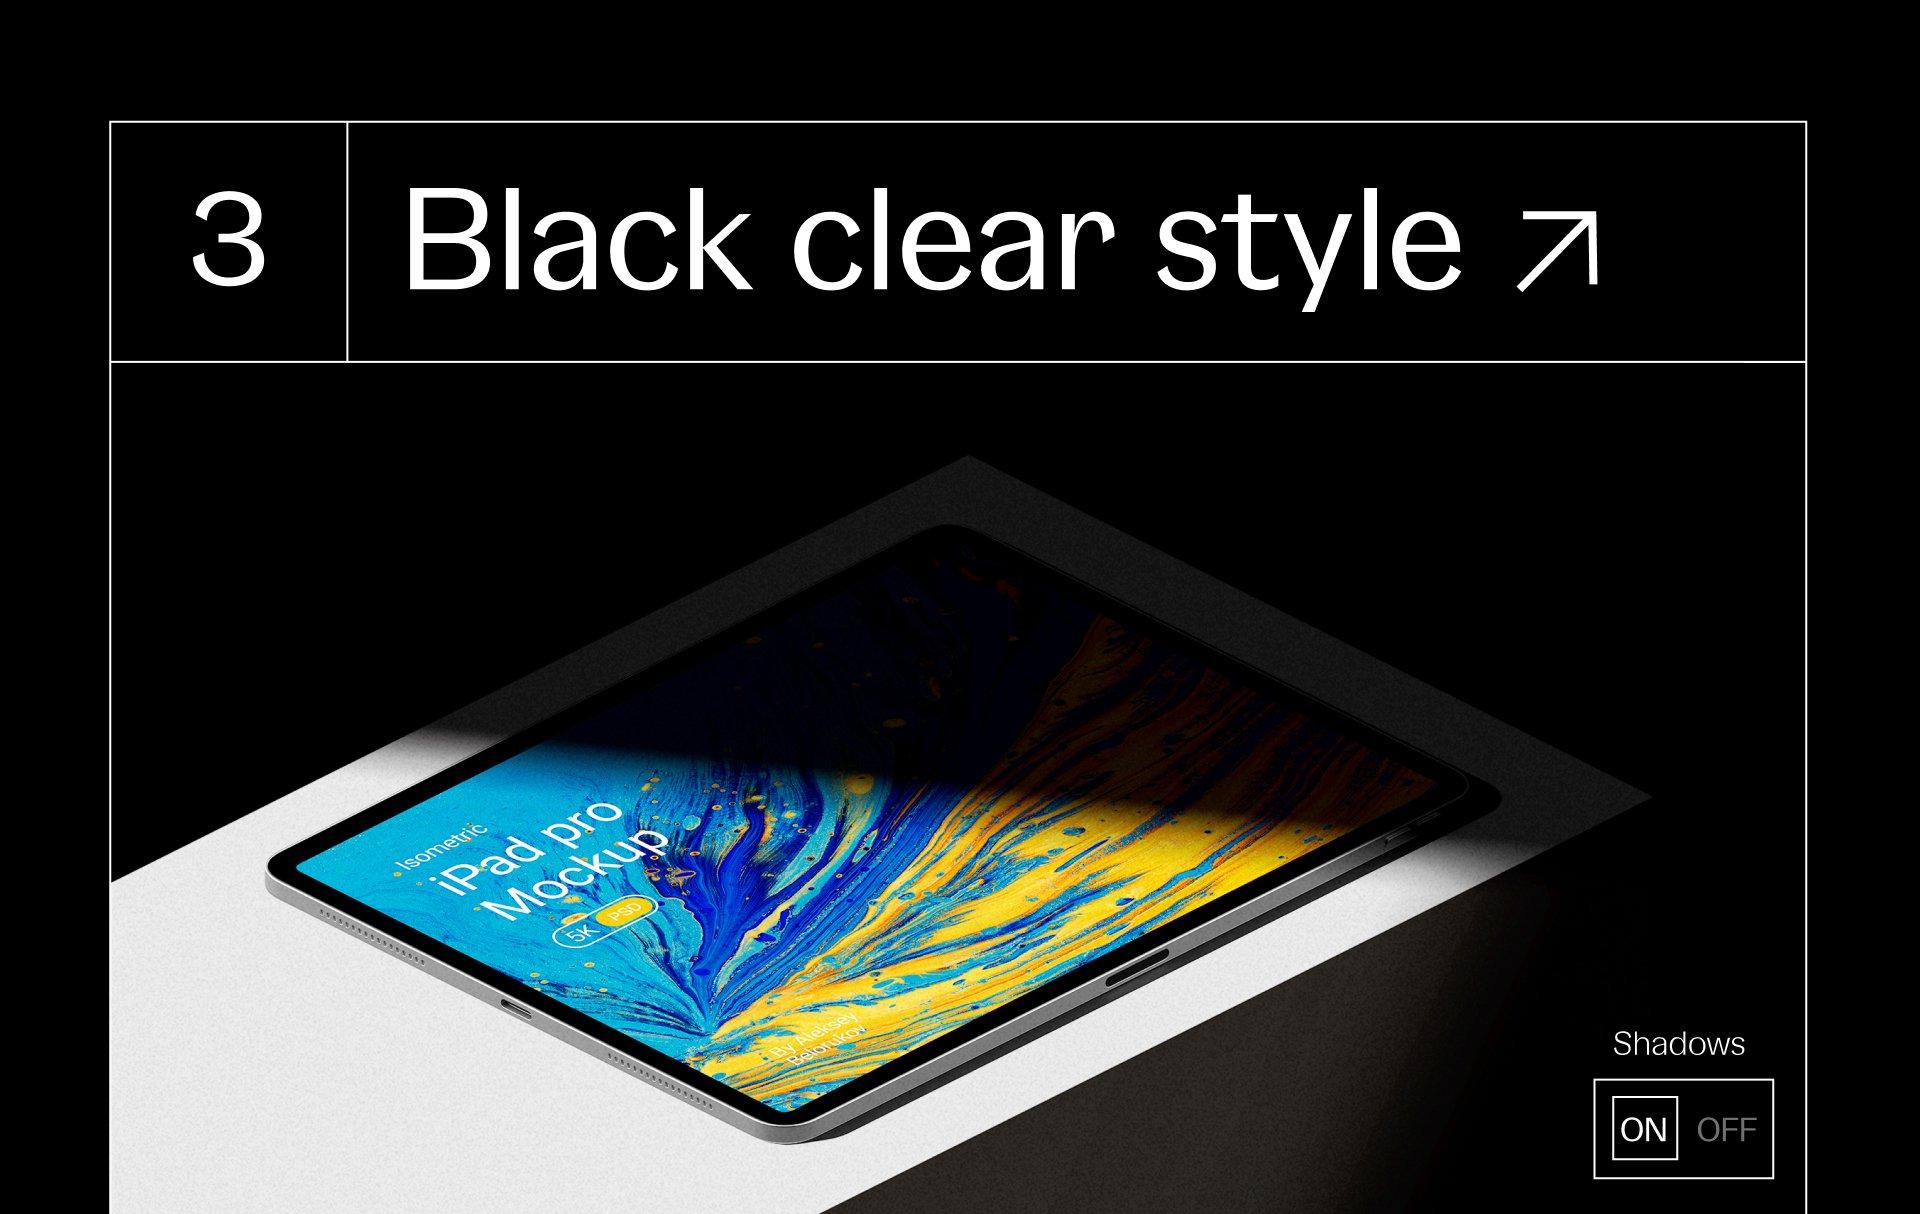 [单独购买] 16款时尚等距APP界面设计苹果设备屏幕演示场景样机模板套装 Device Pack Mockups – Isometric插图23